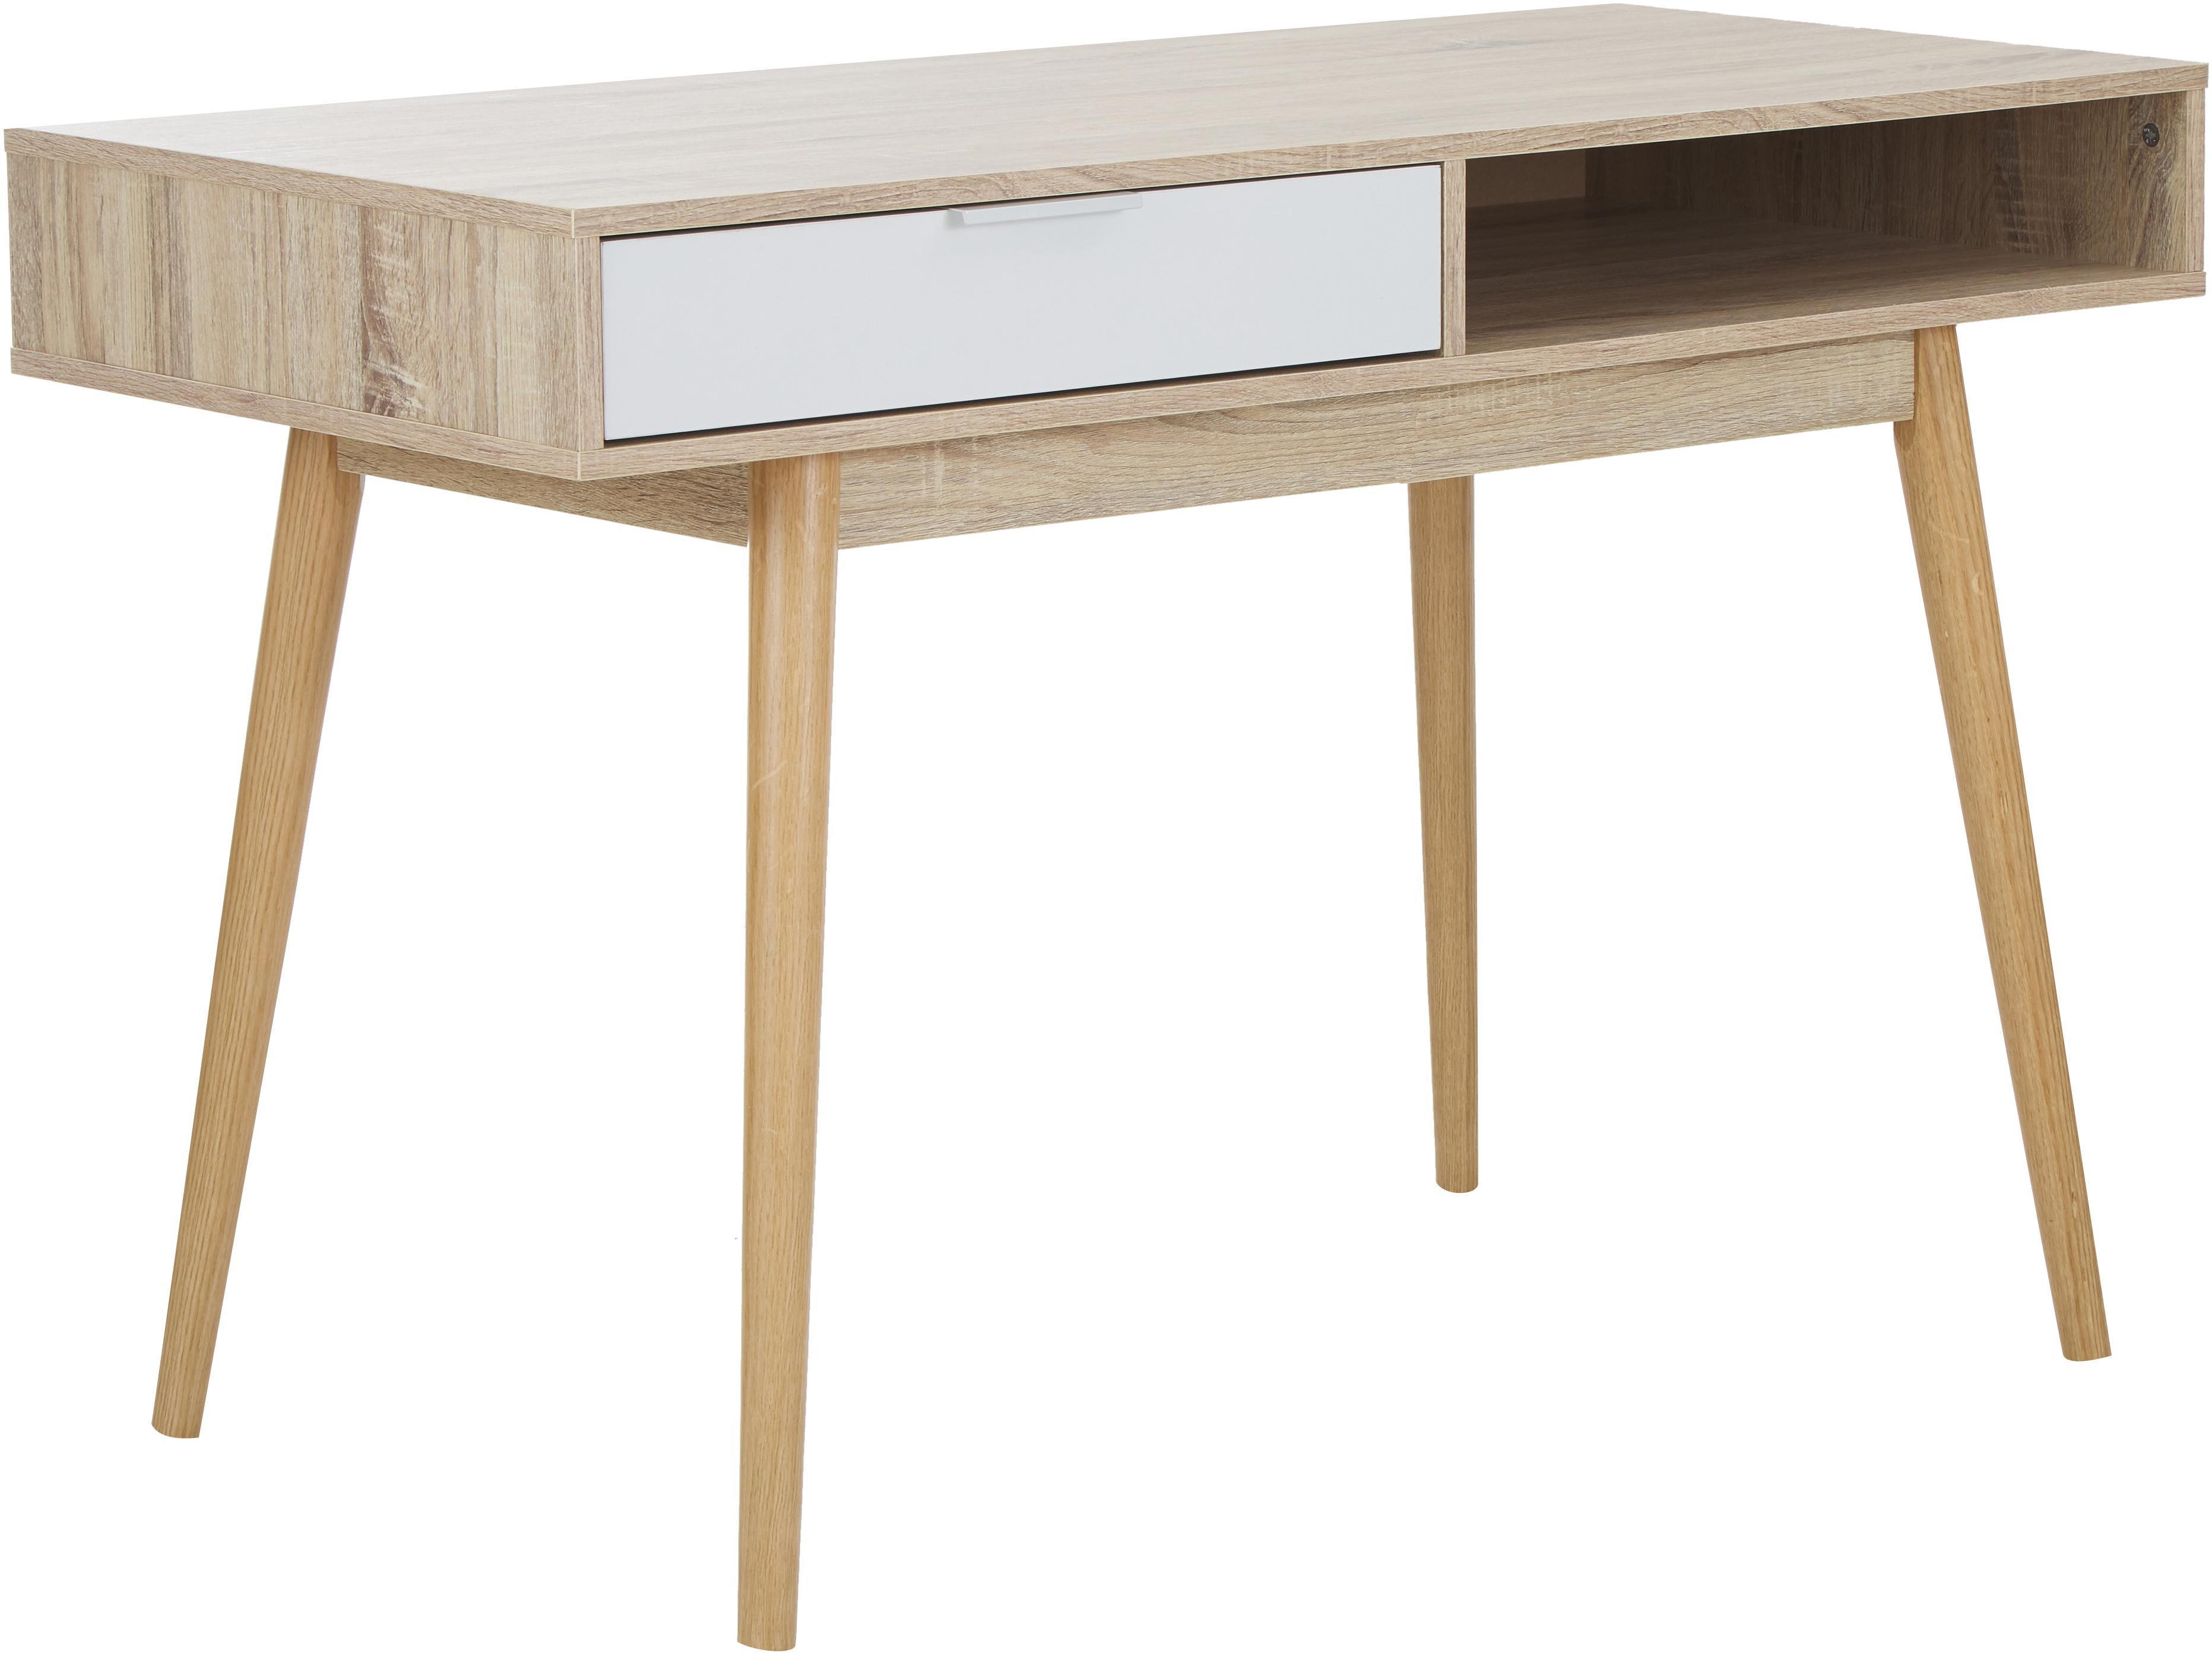 Escritorio en roble Samo, Tablero: aglomerado frustrado, Patas: madera de roble, Blanco, roble, An 120 x Al 79 cm